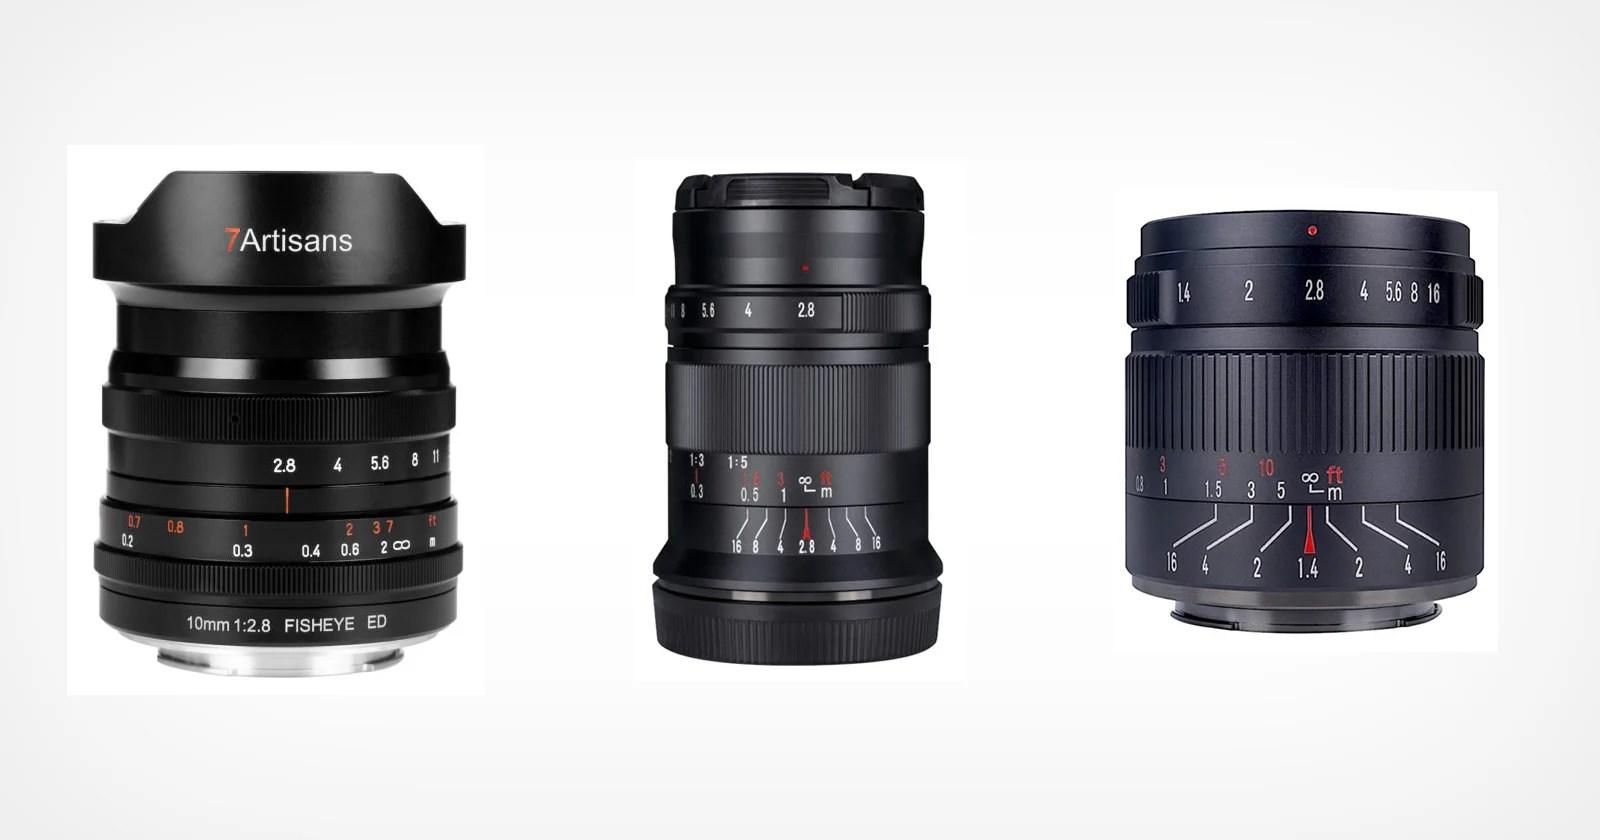 7artisans aggiunge tre nuovi obiettivi alla sua linea Nikon Z-Mount